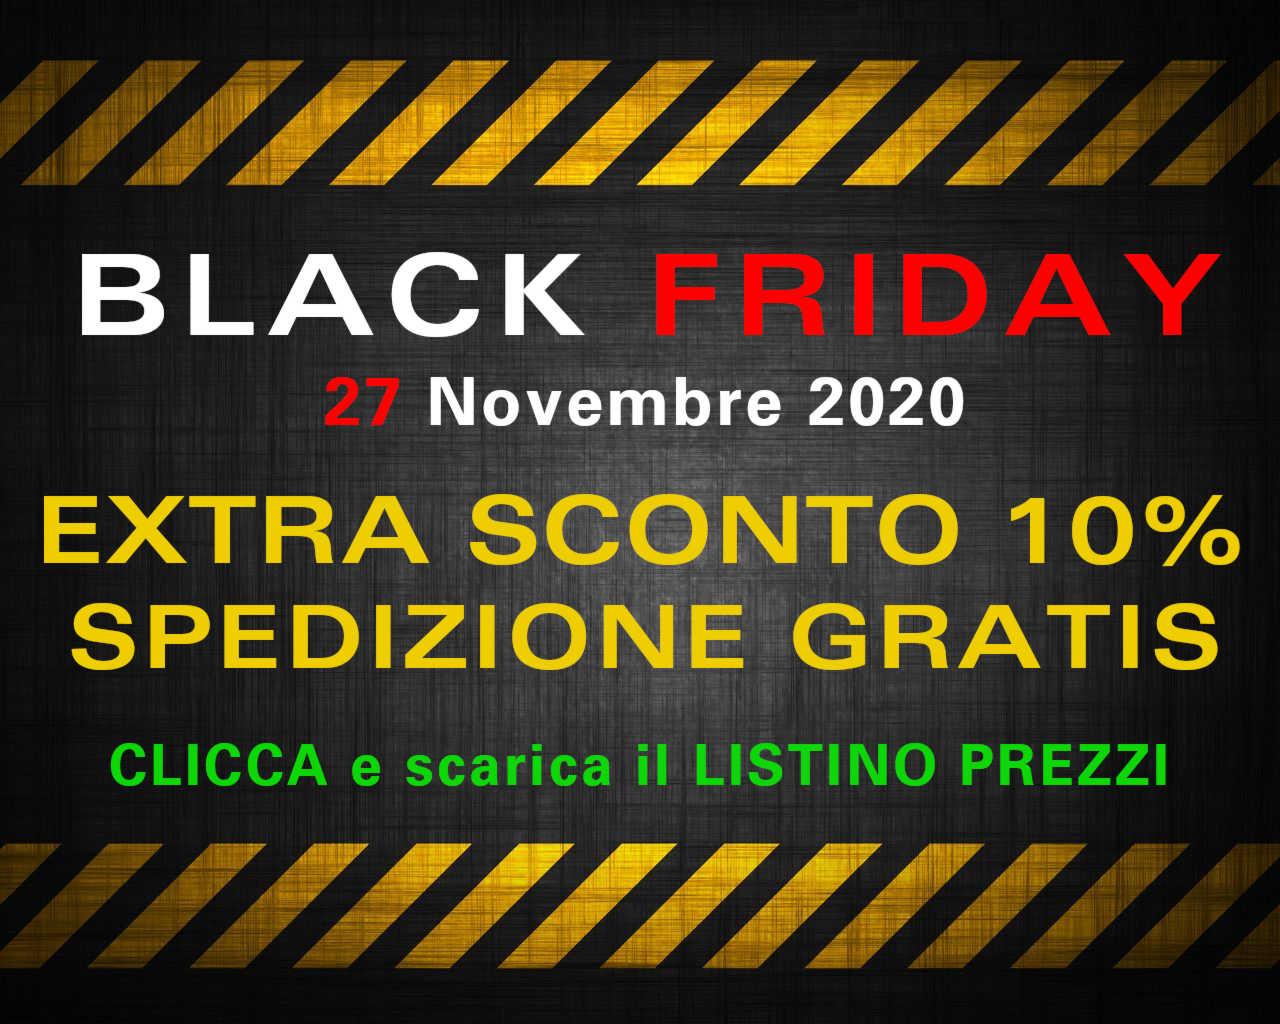 BLACK FRIDAY 2020 LISTINO PREZZI